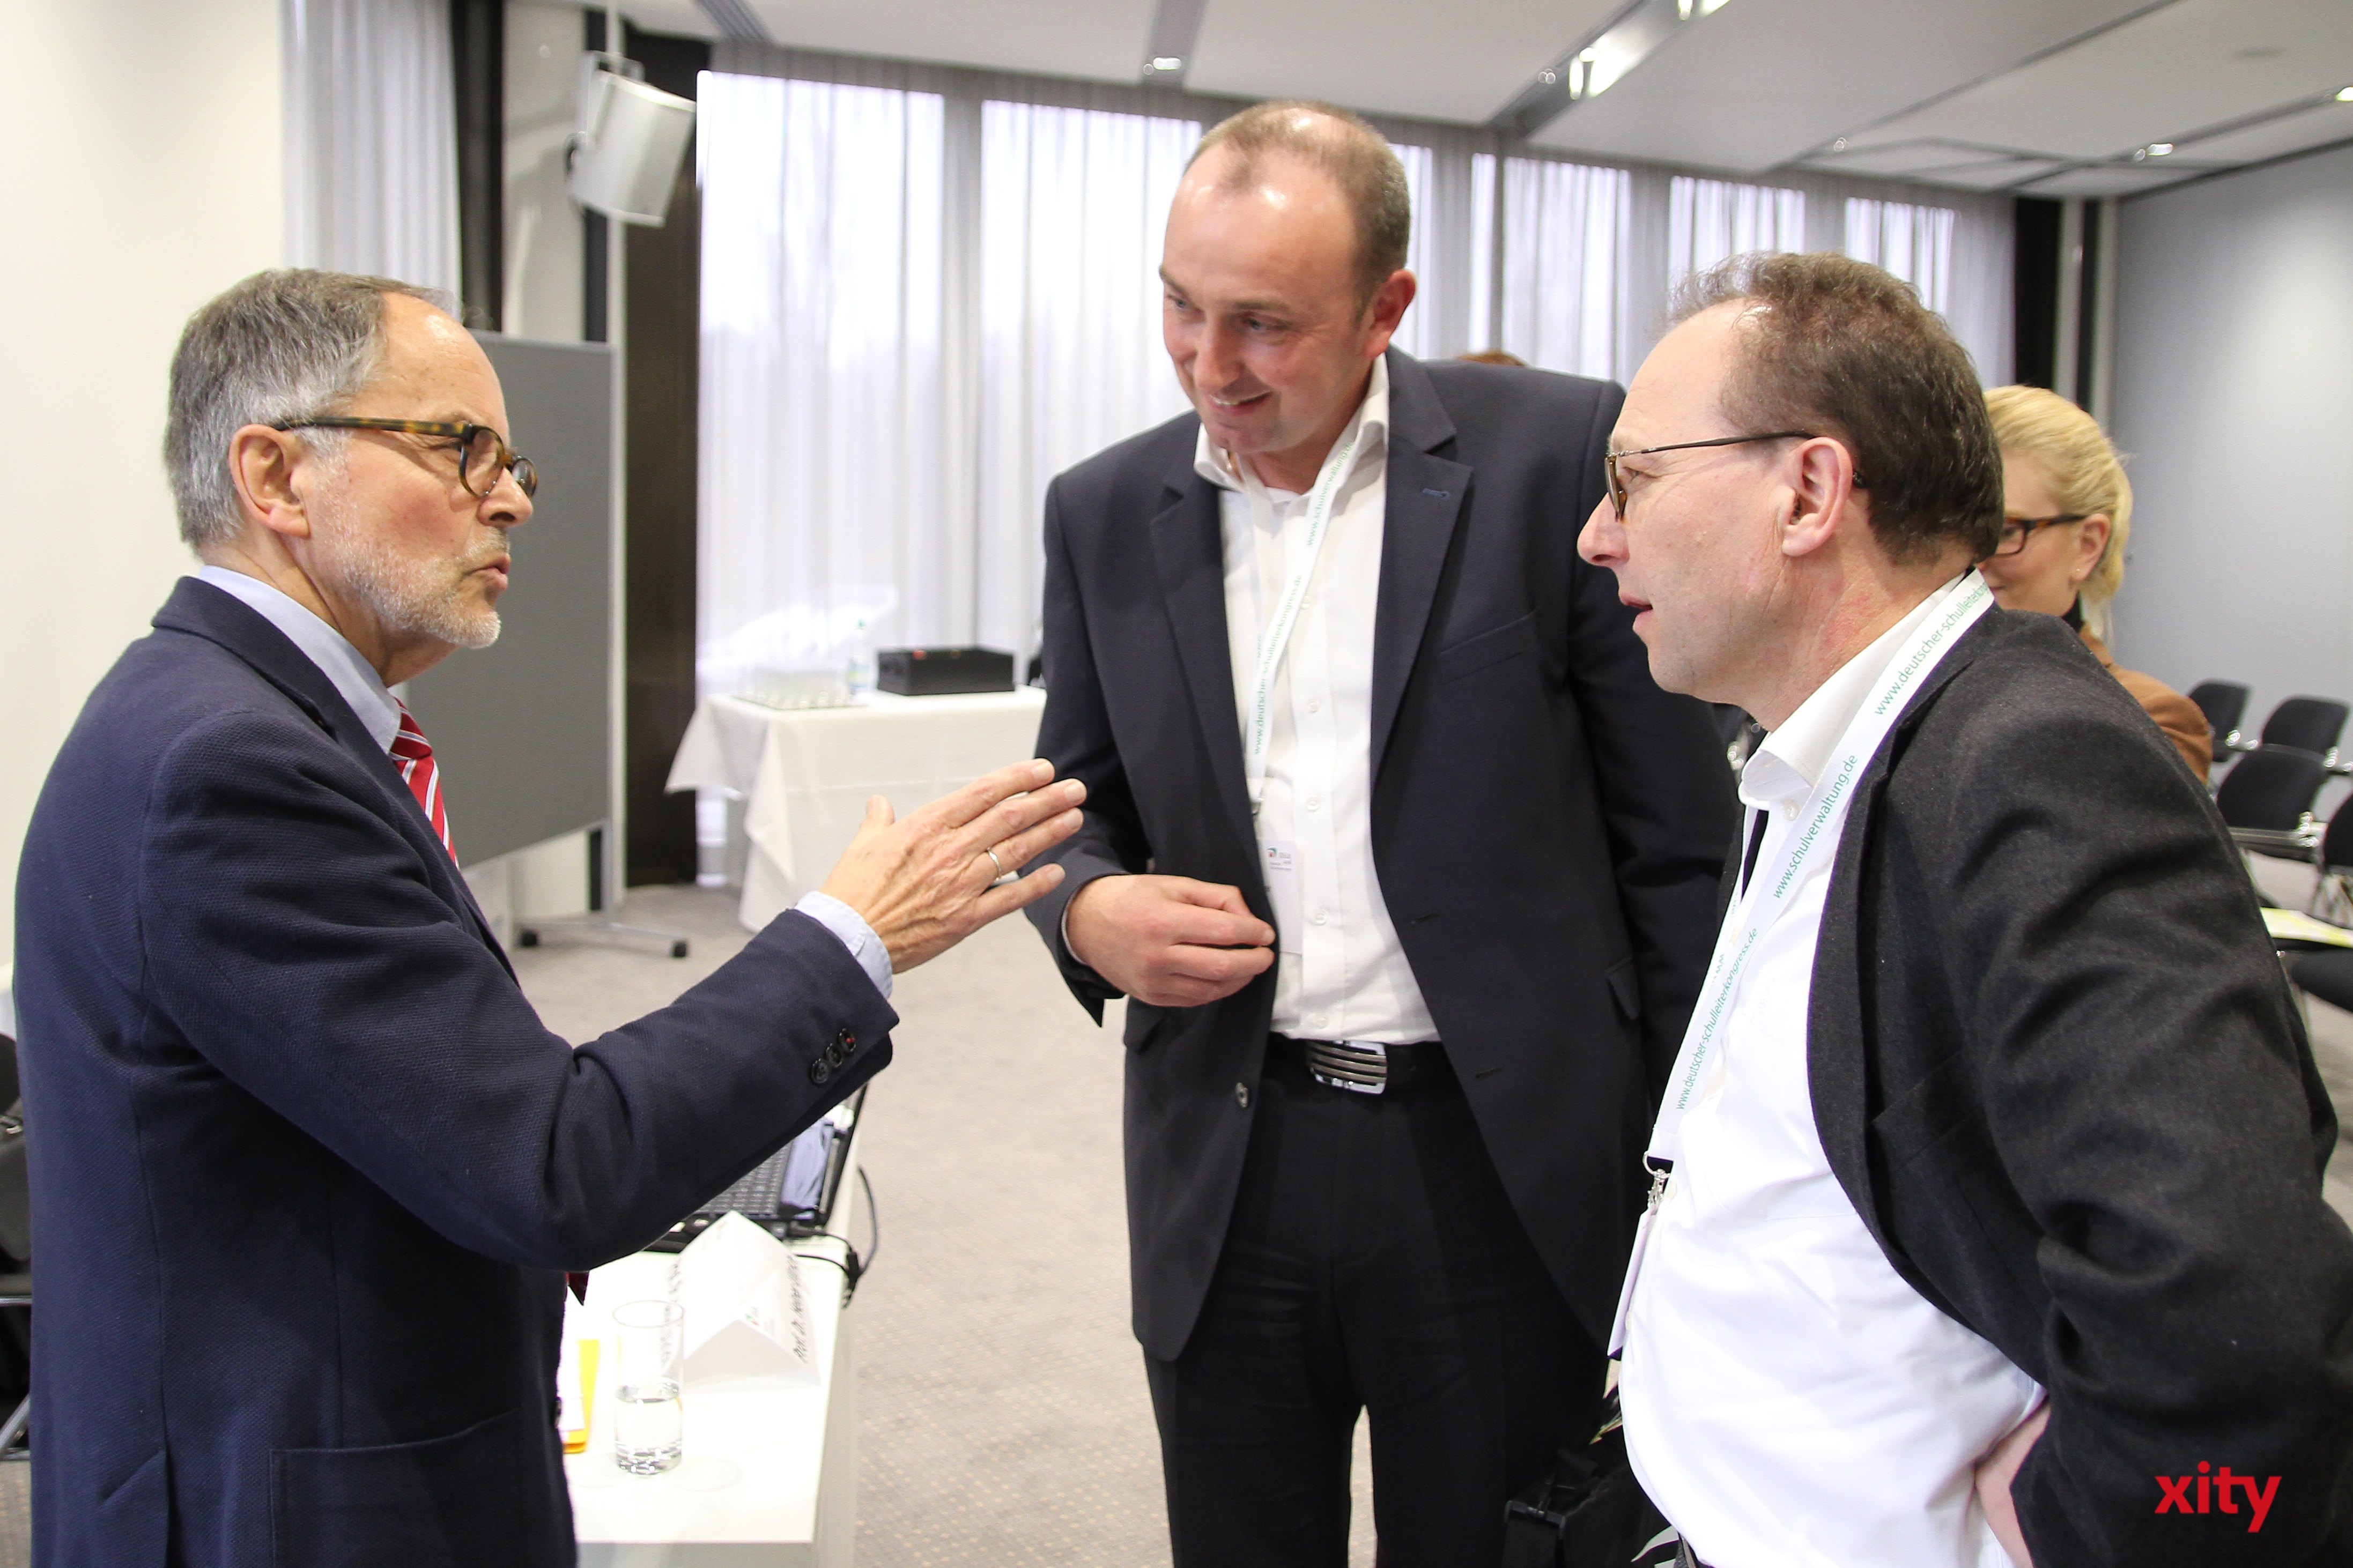 """Prof. Dr. Heiner Ullrich (l.) hielt einen Vortrag zum Thema """"öffentliche und private Schulen im Wettbewerb"""" (Foto: xity)"""